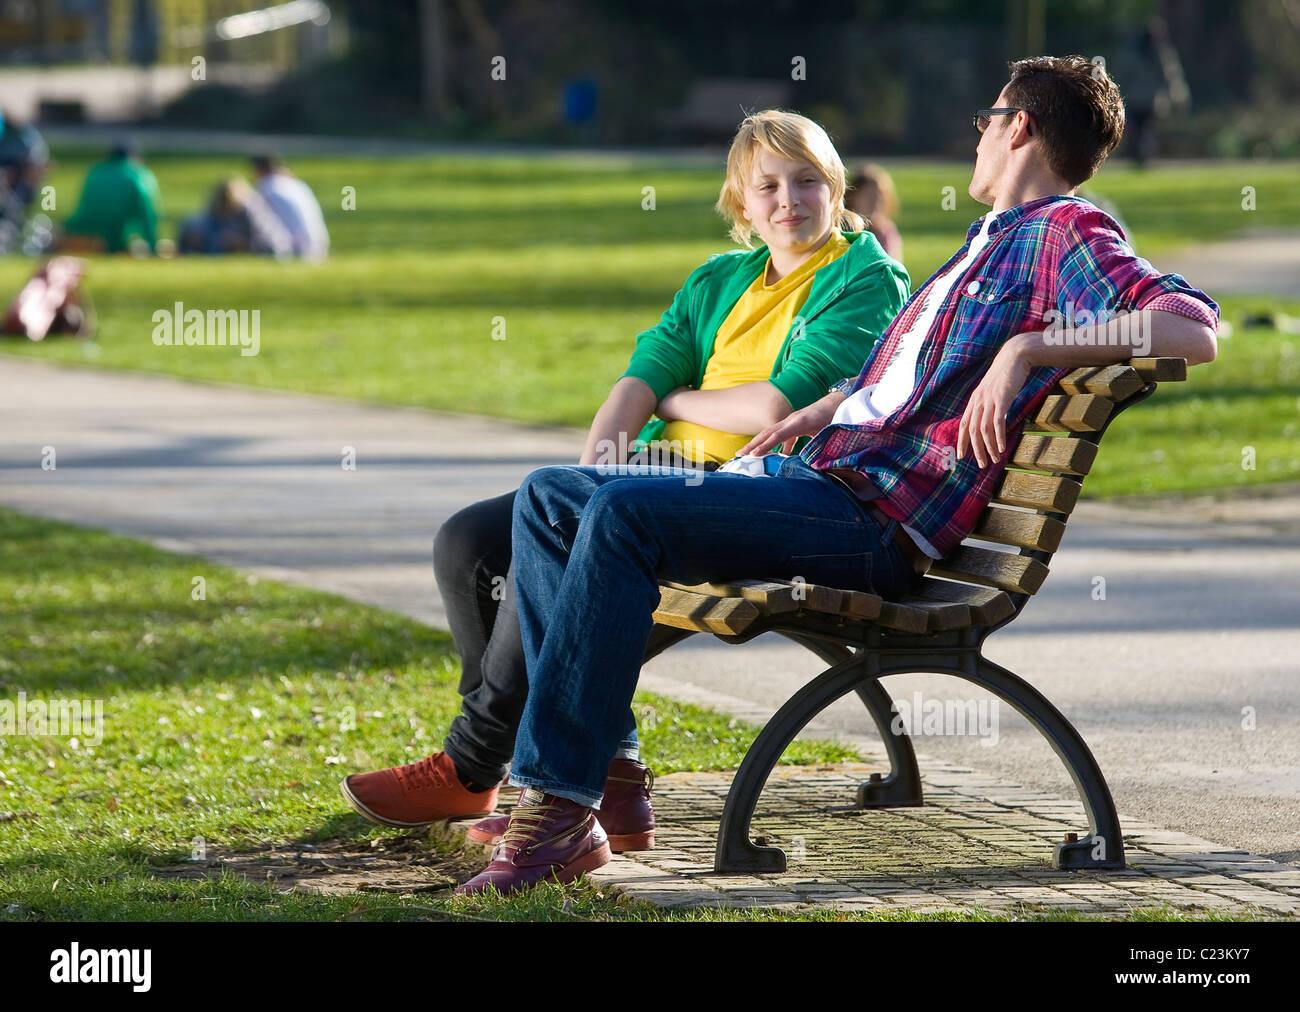 Ein junger Mann und ein Junge unterhalten sich auf einer Parkbank sitzend an einem Frühlingstag im Sonnenschein. - Stock Image